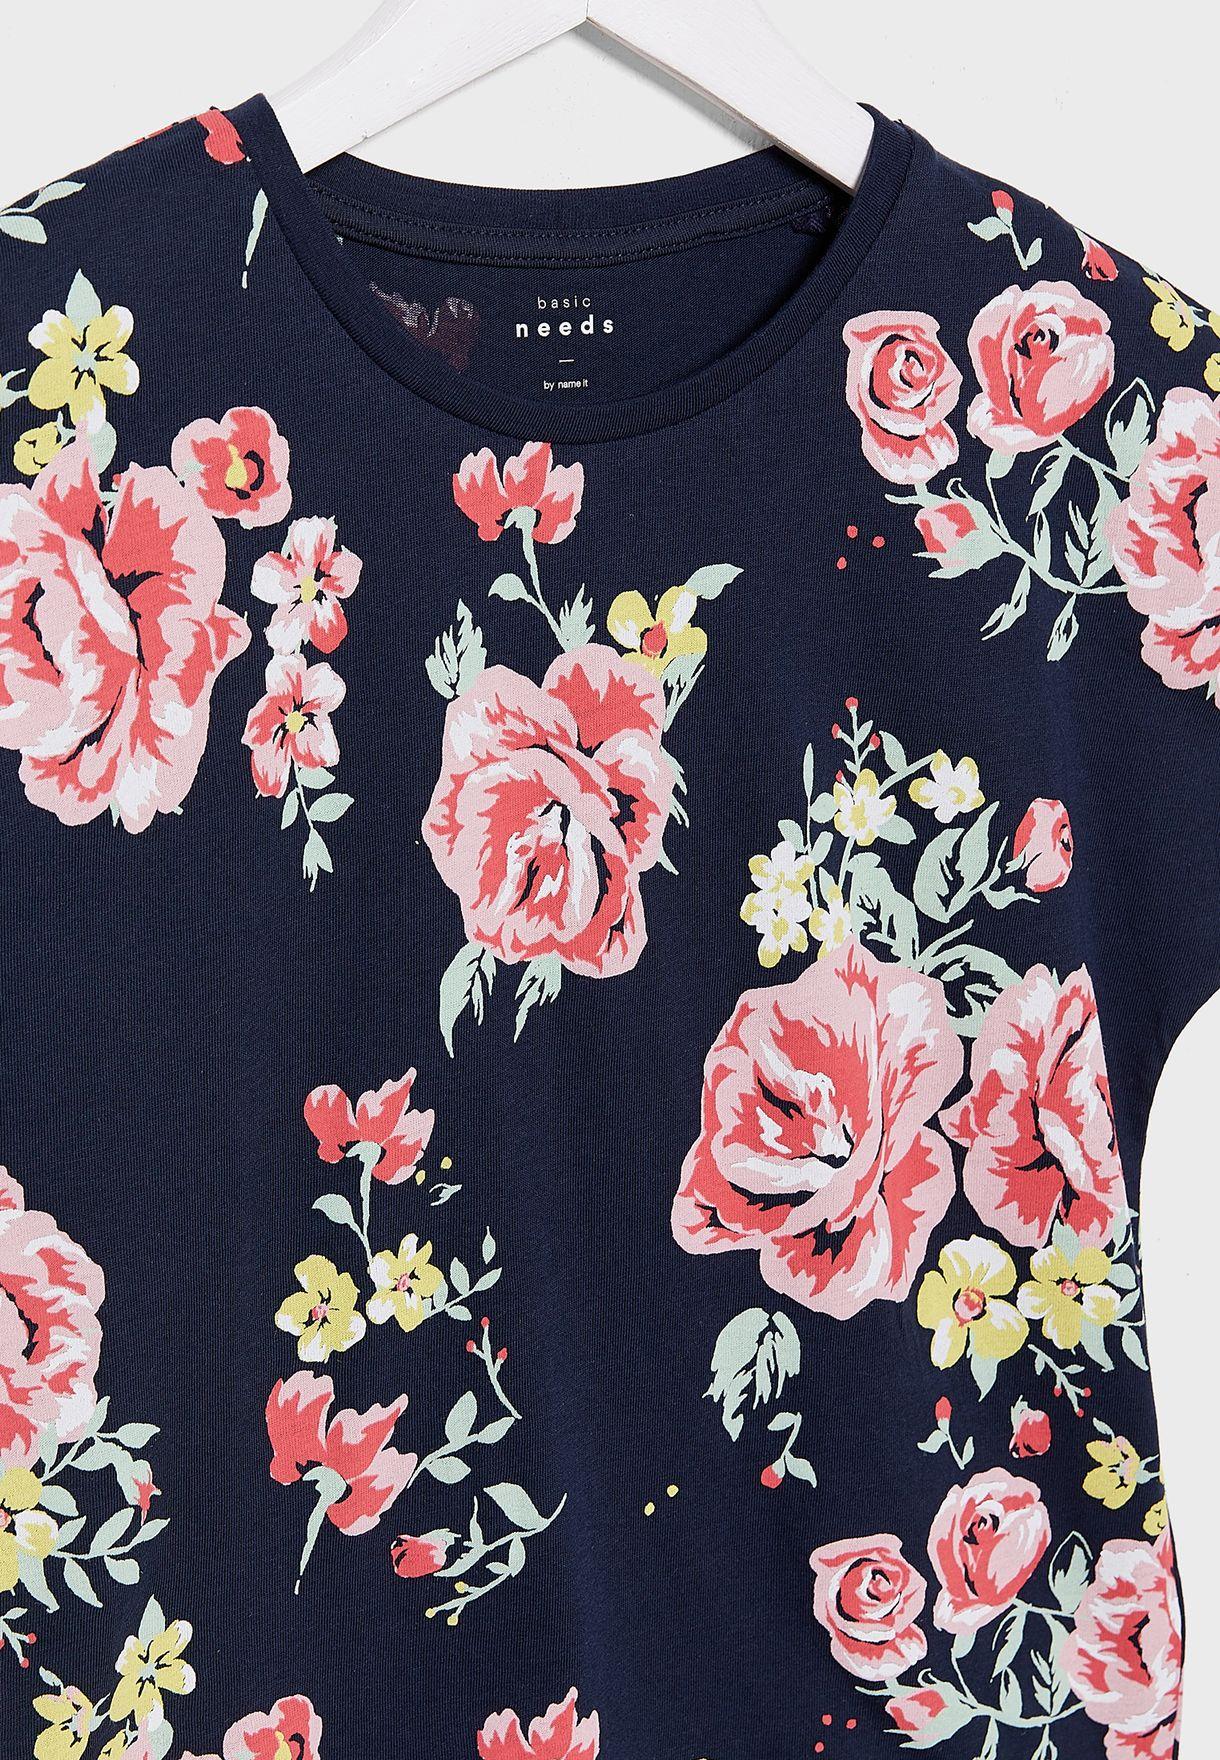 بلوزة بطباعة زهور